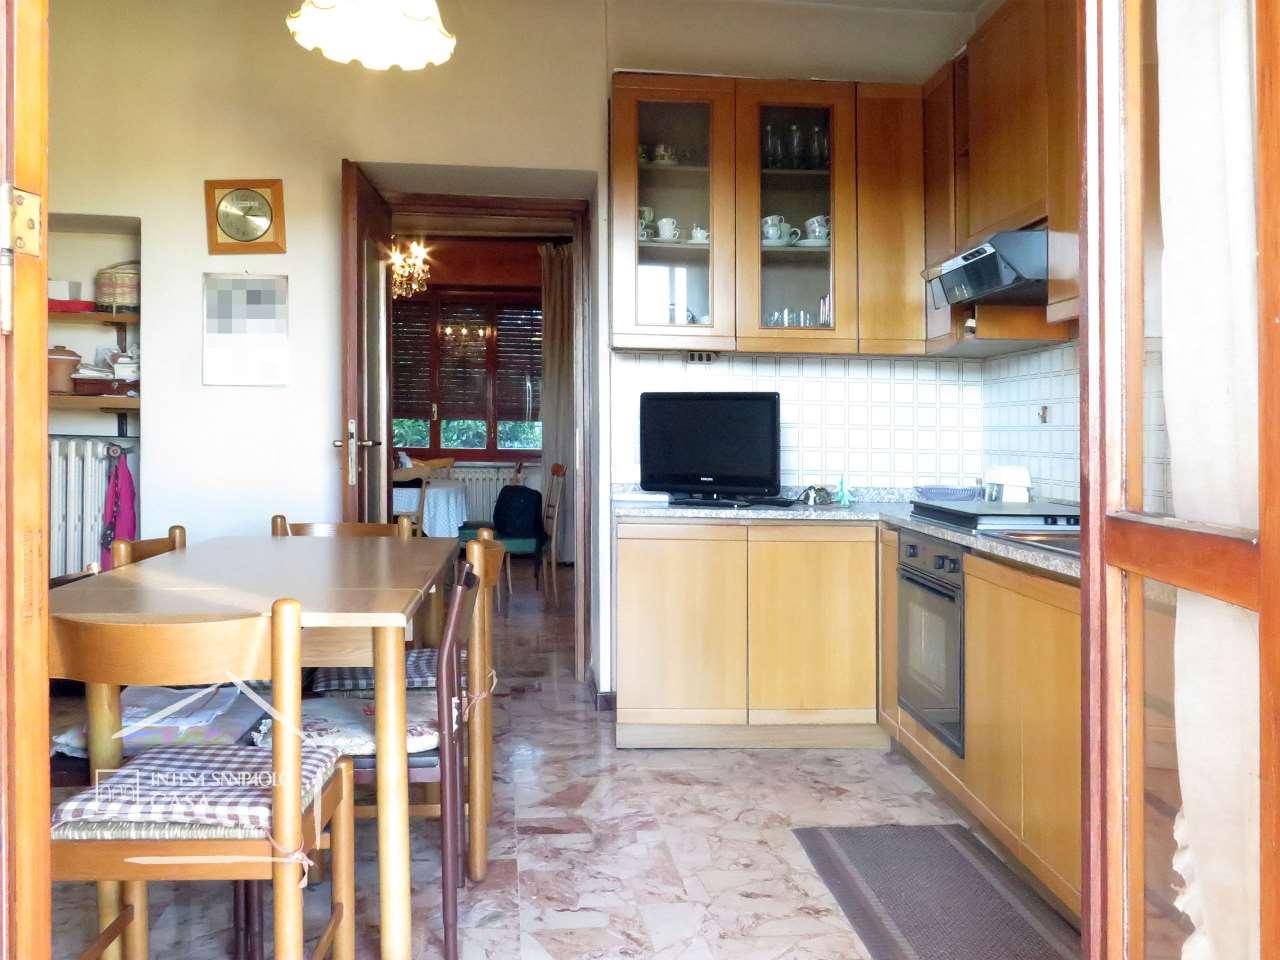 Casa indipendente in Vendita a Veduggio Con Colzano: 5 locali, 208 mq - Foto 4